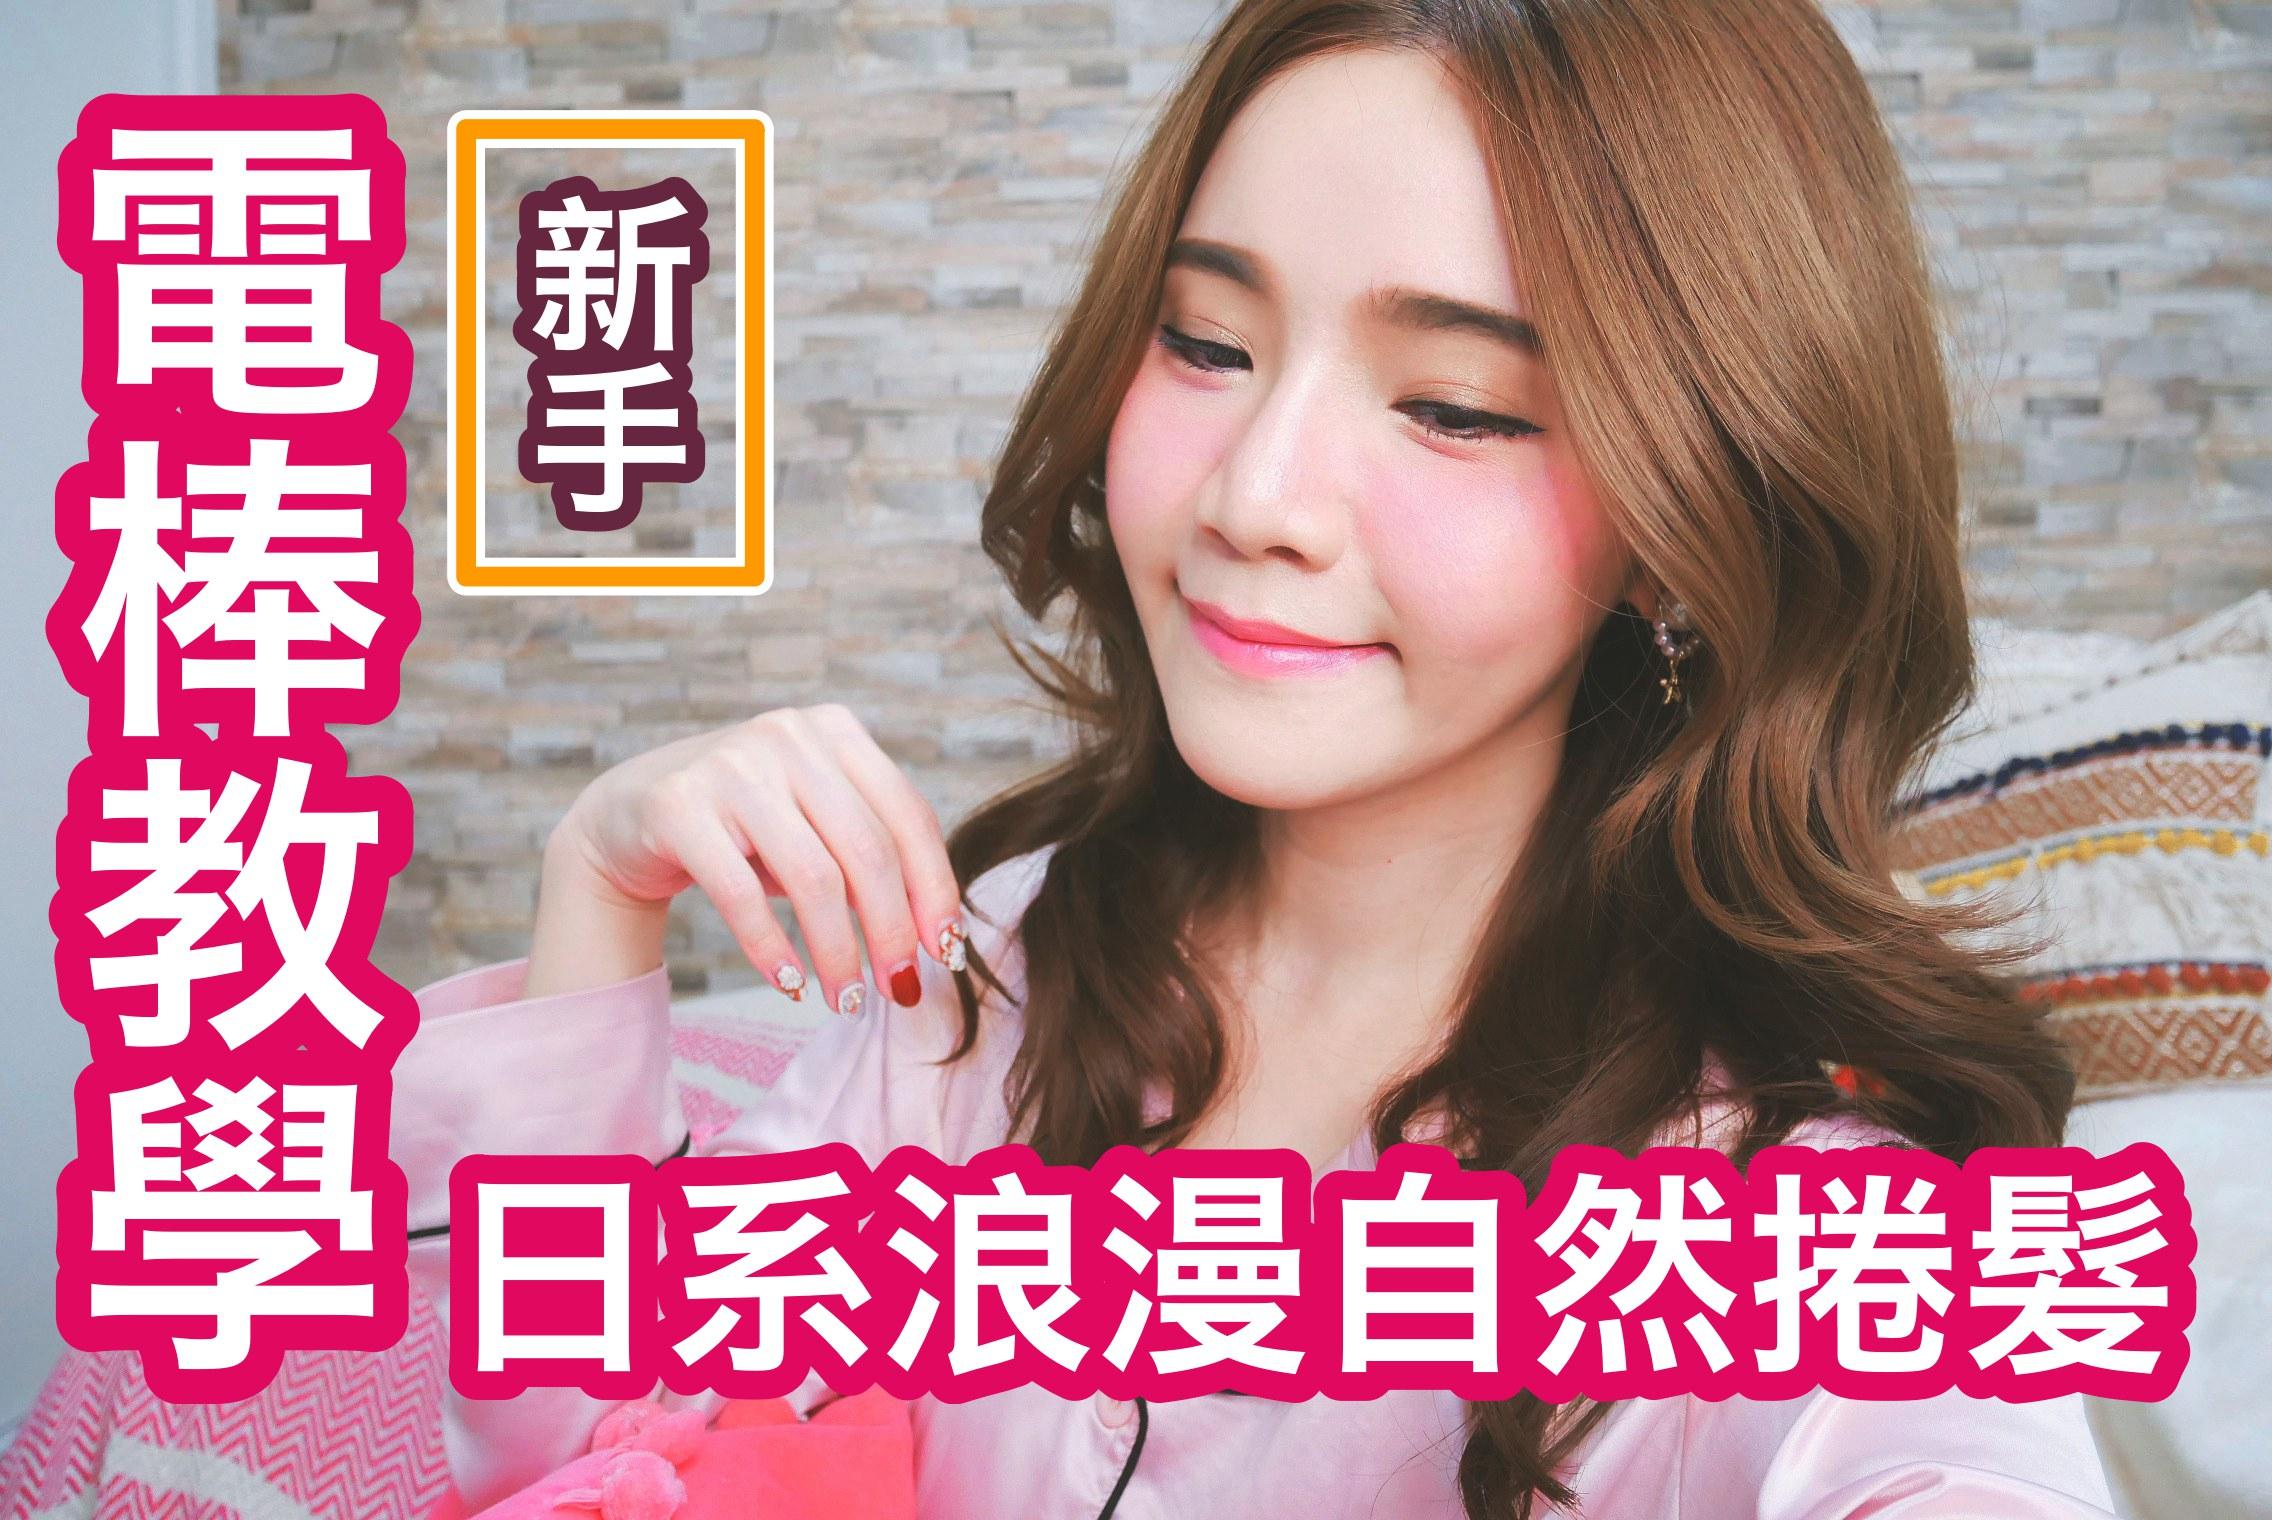 新手電棒捲教學|日系浪漫自然捲髮&女生如何使用髮蠟定型捲髮_(Panasonic EH-HT11負離子電棒優點、缺點)